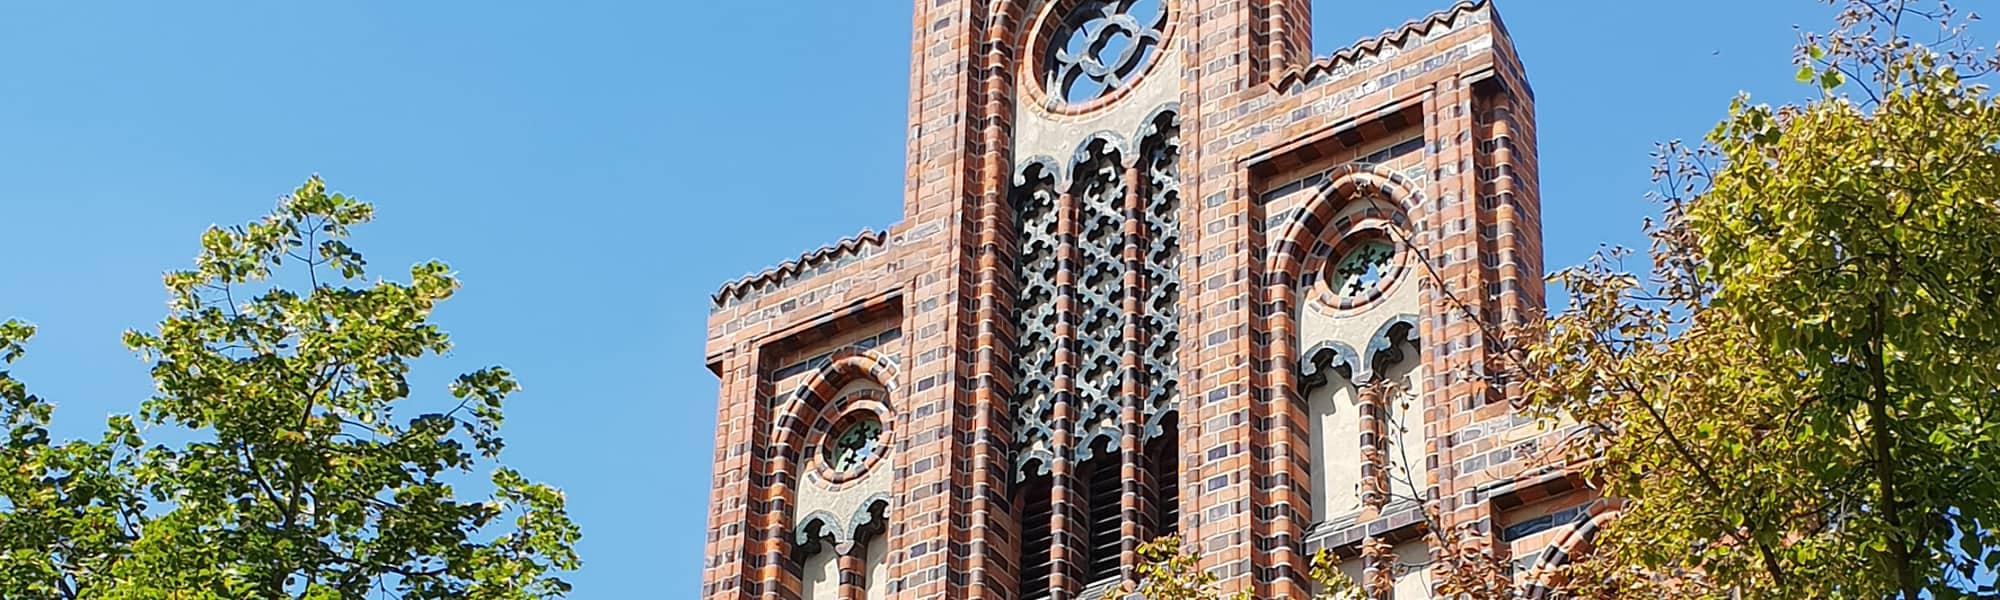 Historische Fasse des Rathauses in Lüneburg im Sommer | Foto: FOLLOW ME Hamburg